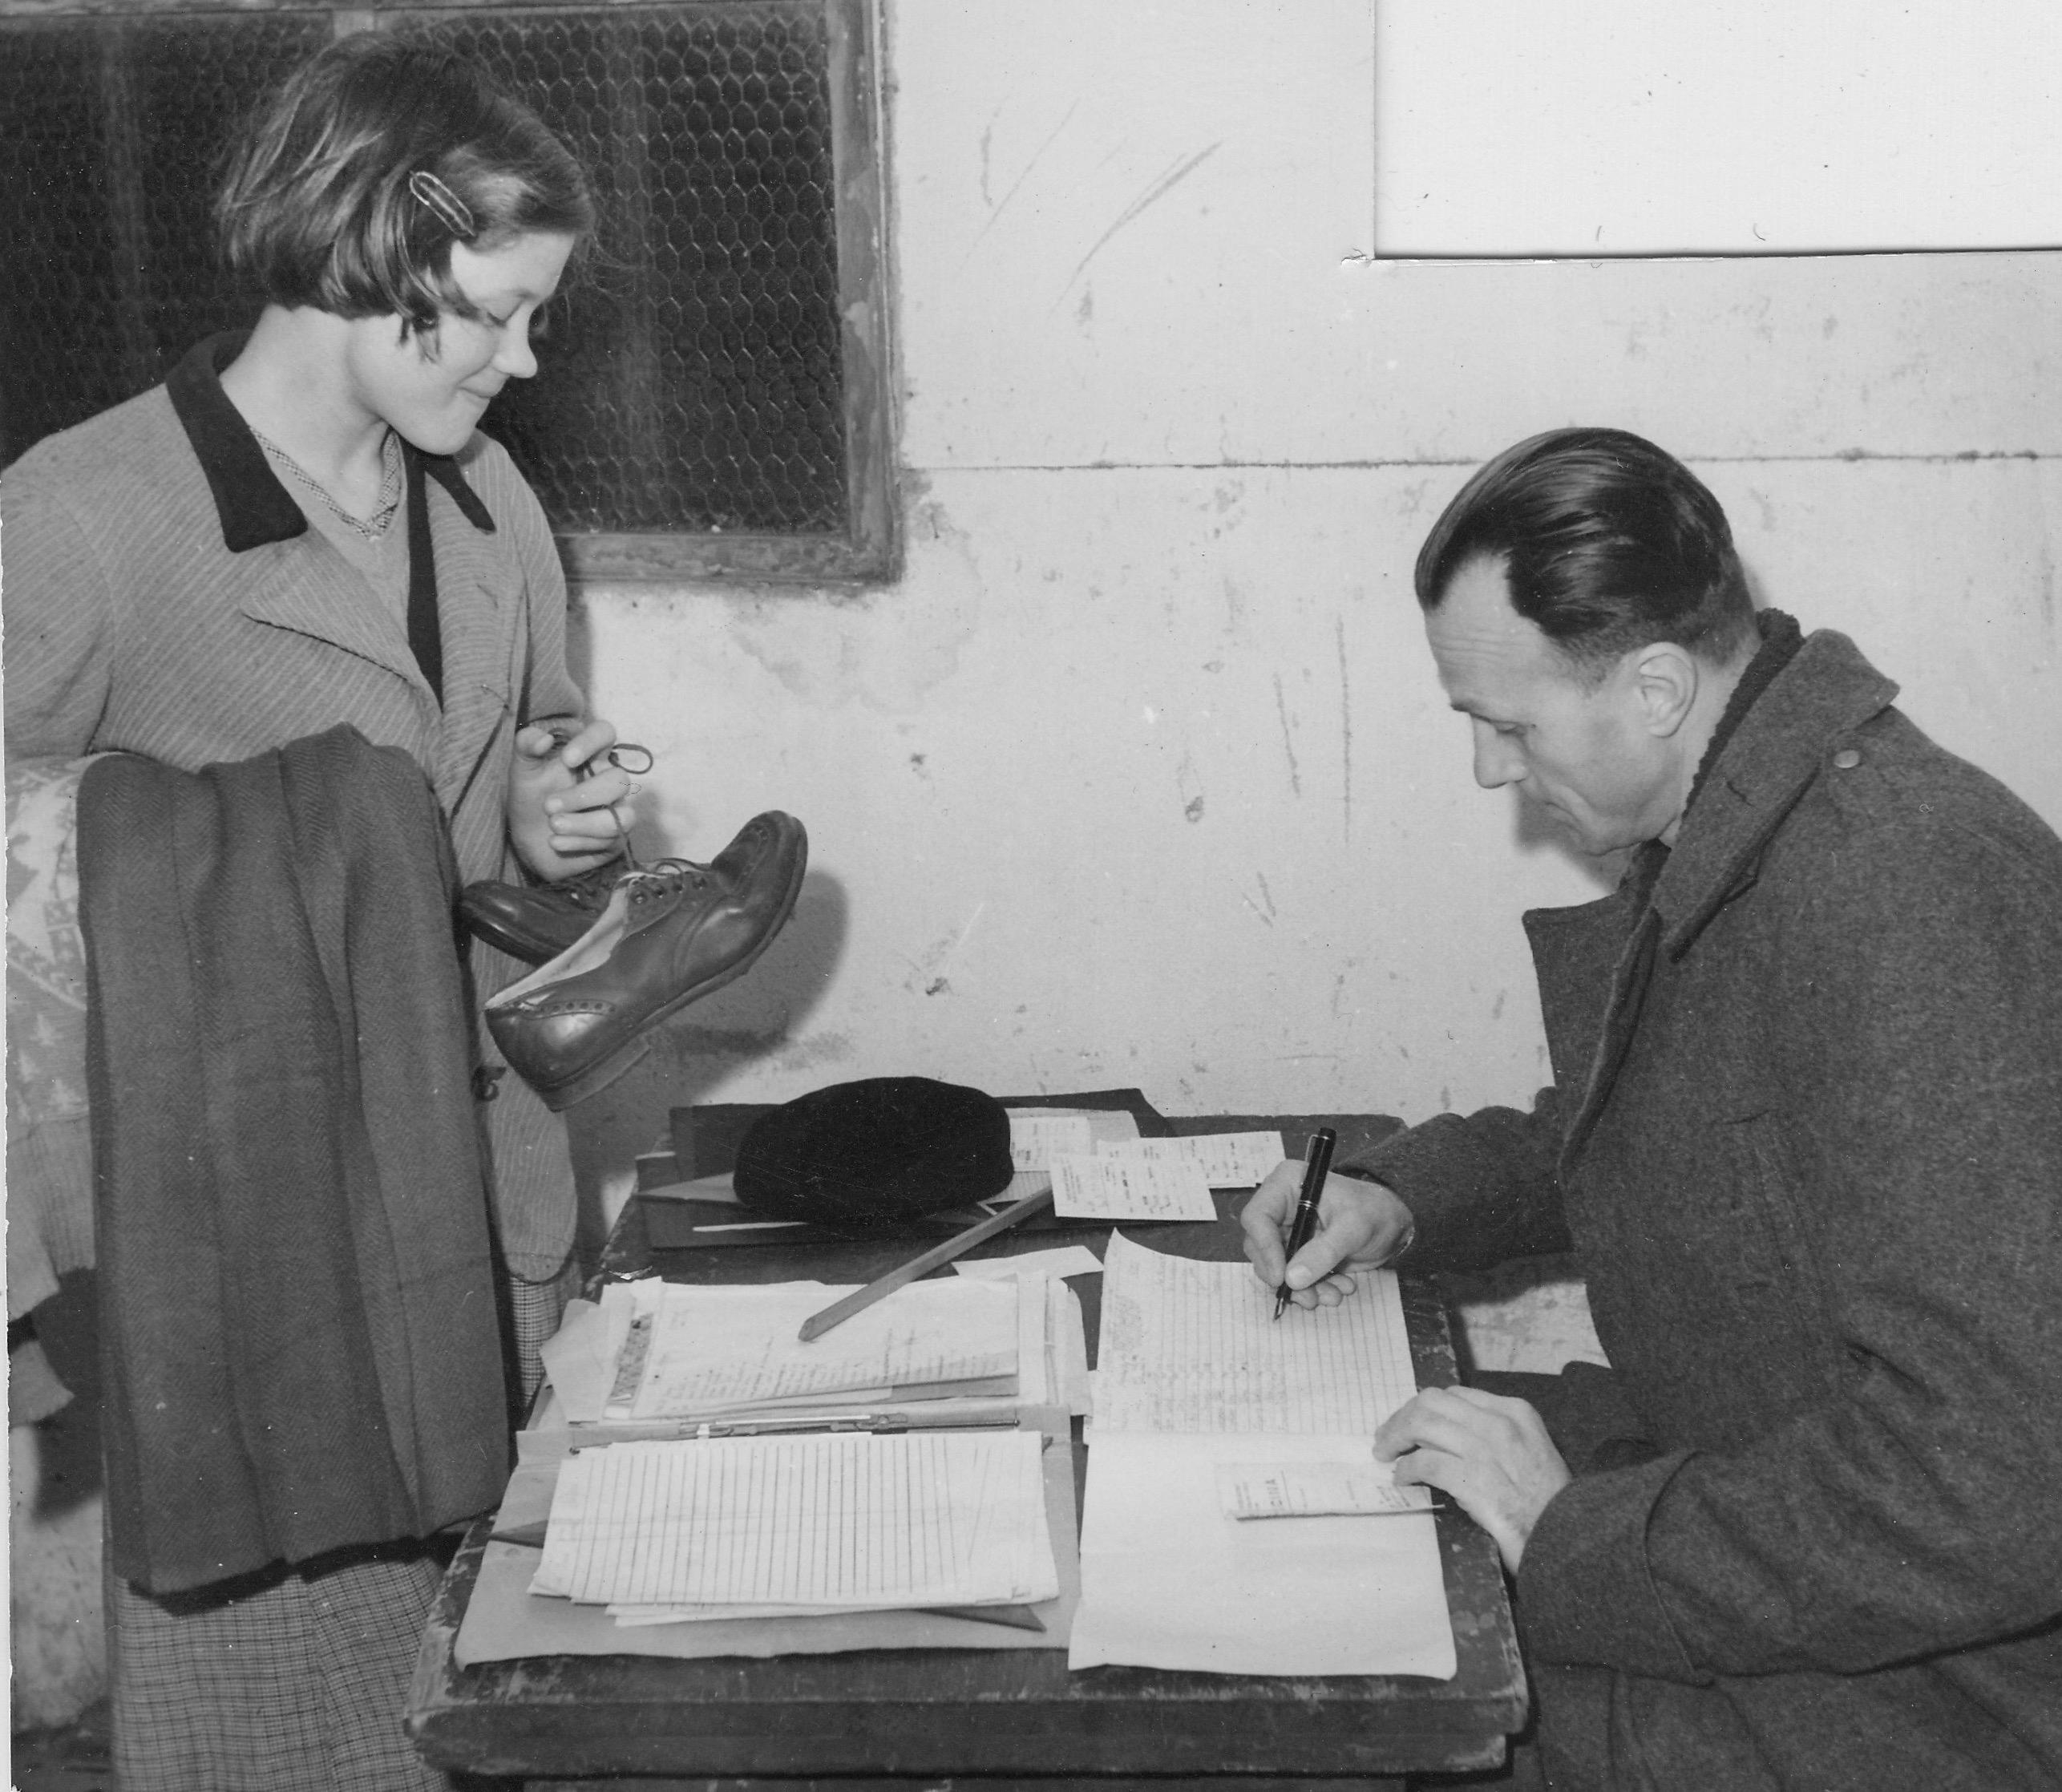 San Sabba clothing distribution, checked by Mr Chartereski 1950-51